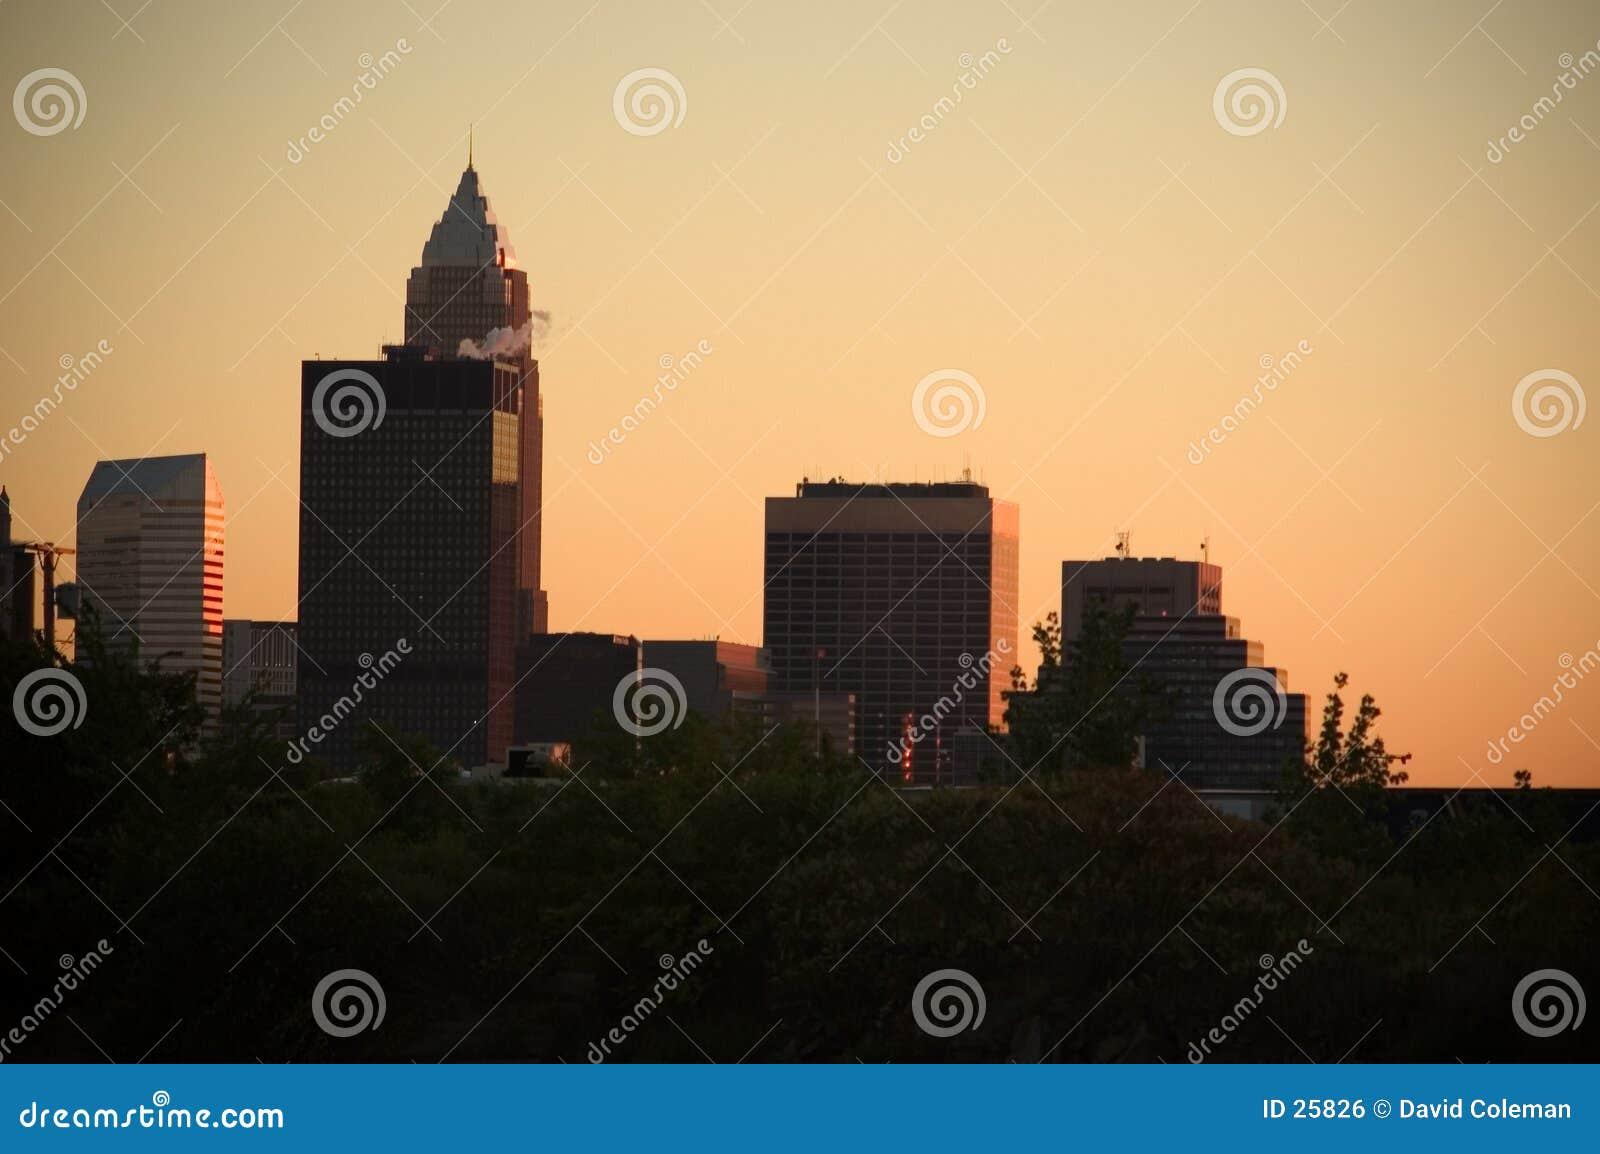 στο κέντρο της πόλης ηλιοβασίλεμα